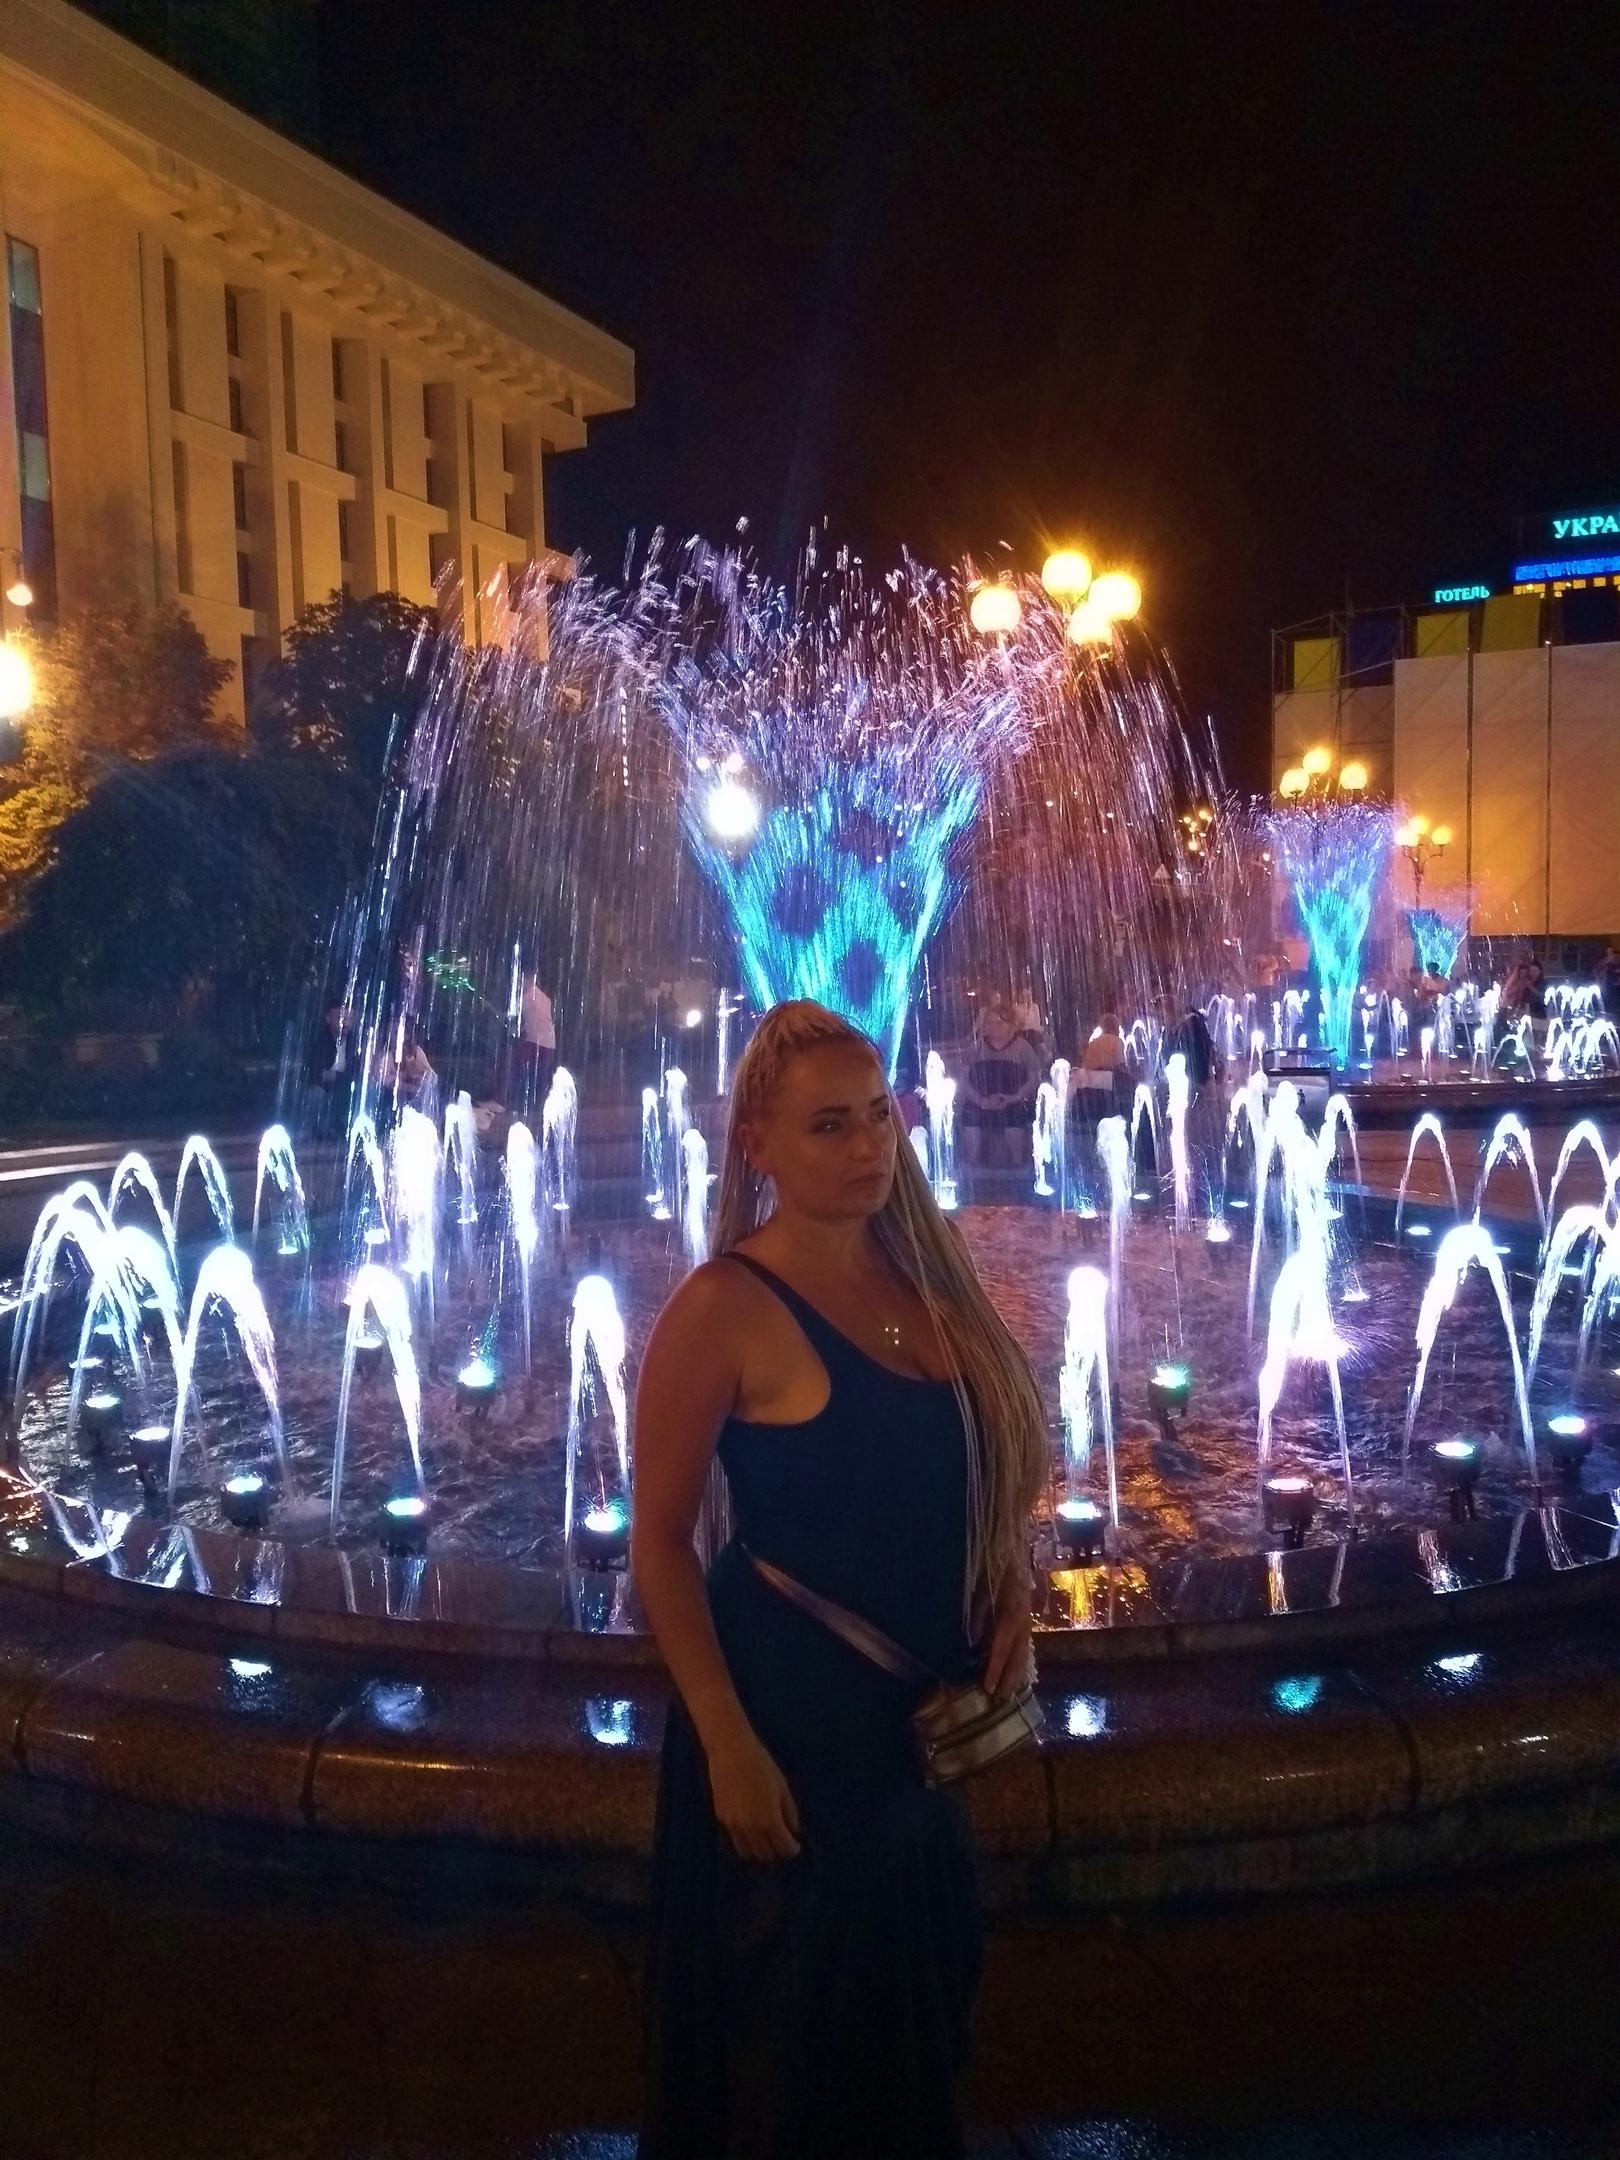 Елена Руденко (Валтея). Украина. Киев. Фото и описание.  - Страница 2 UG0HRggYuWo